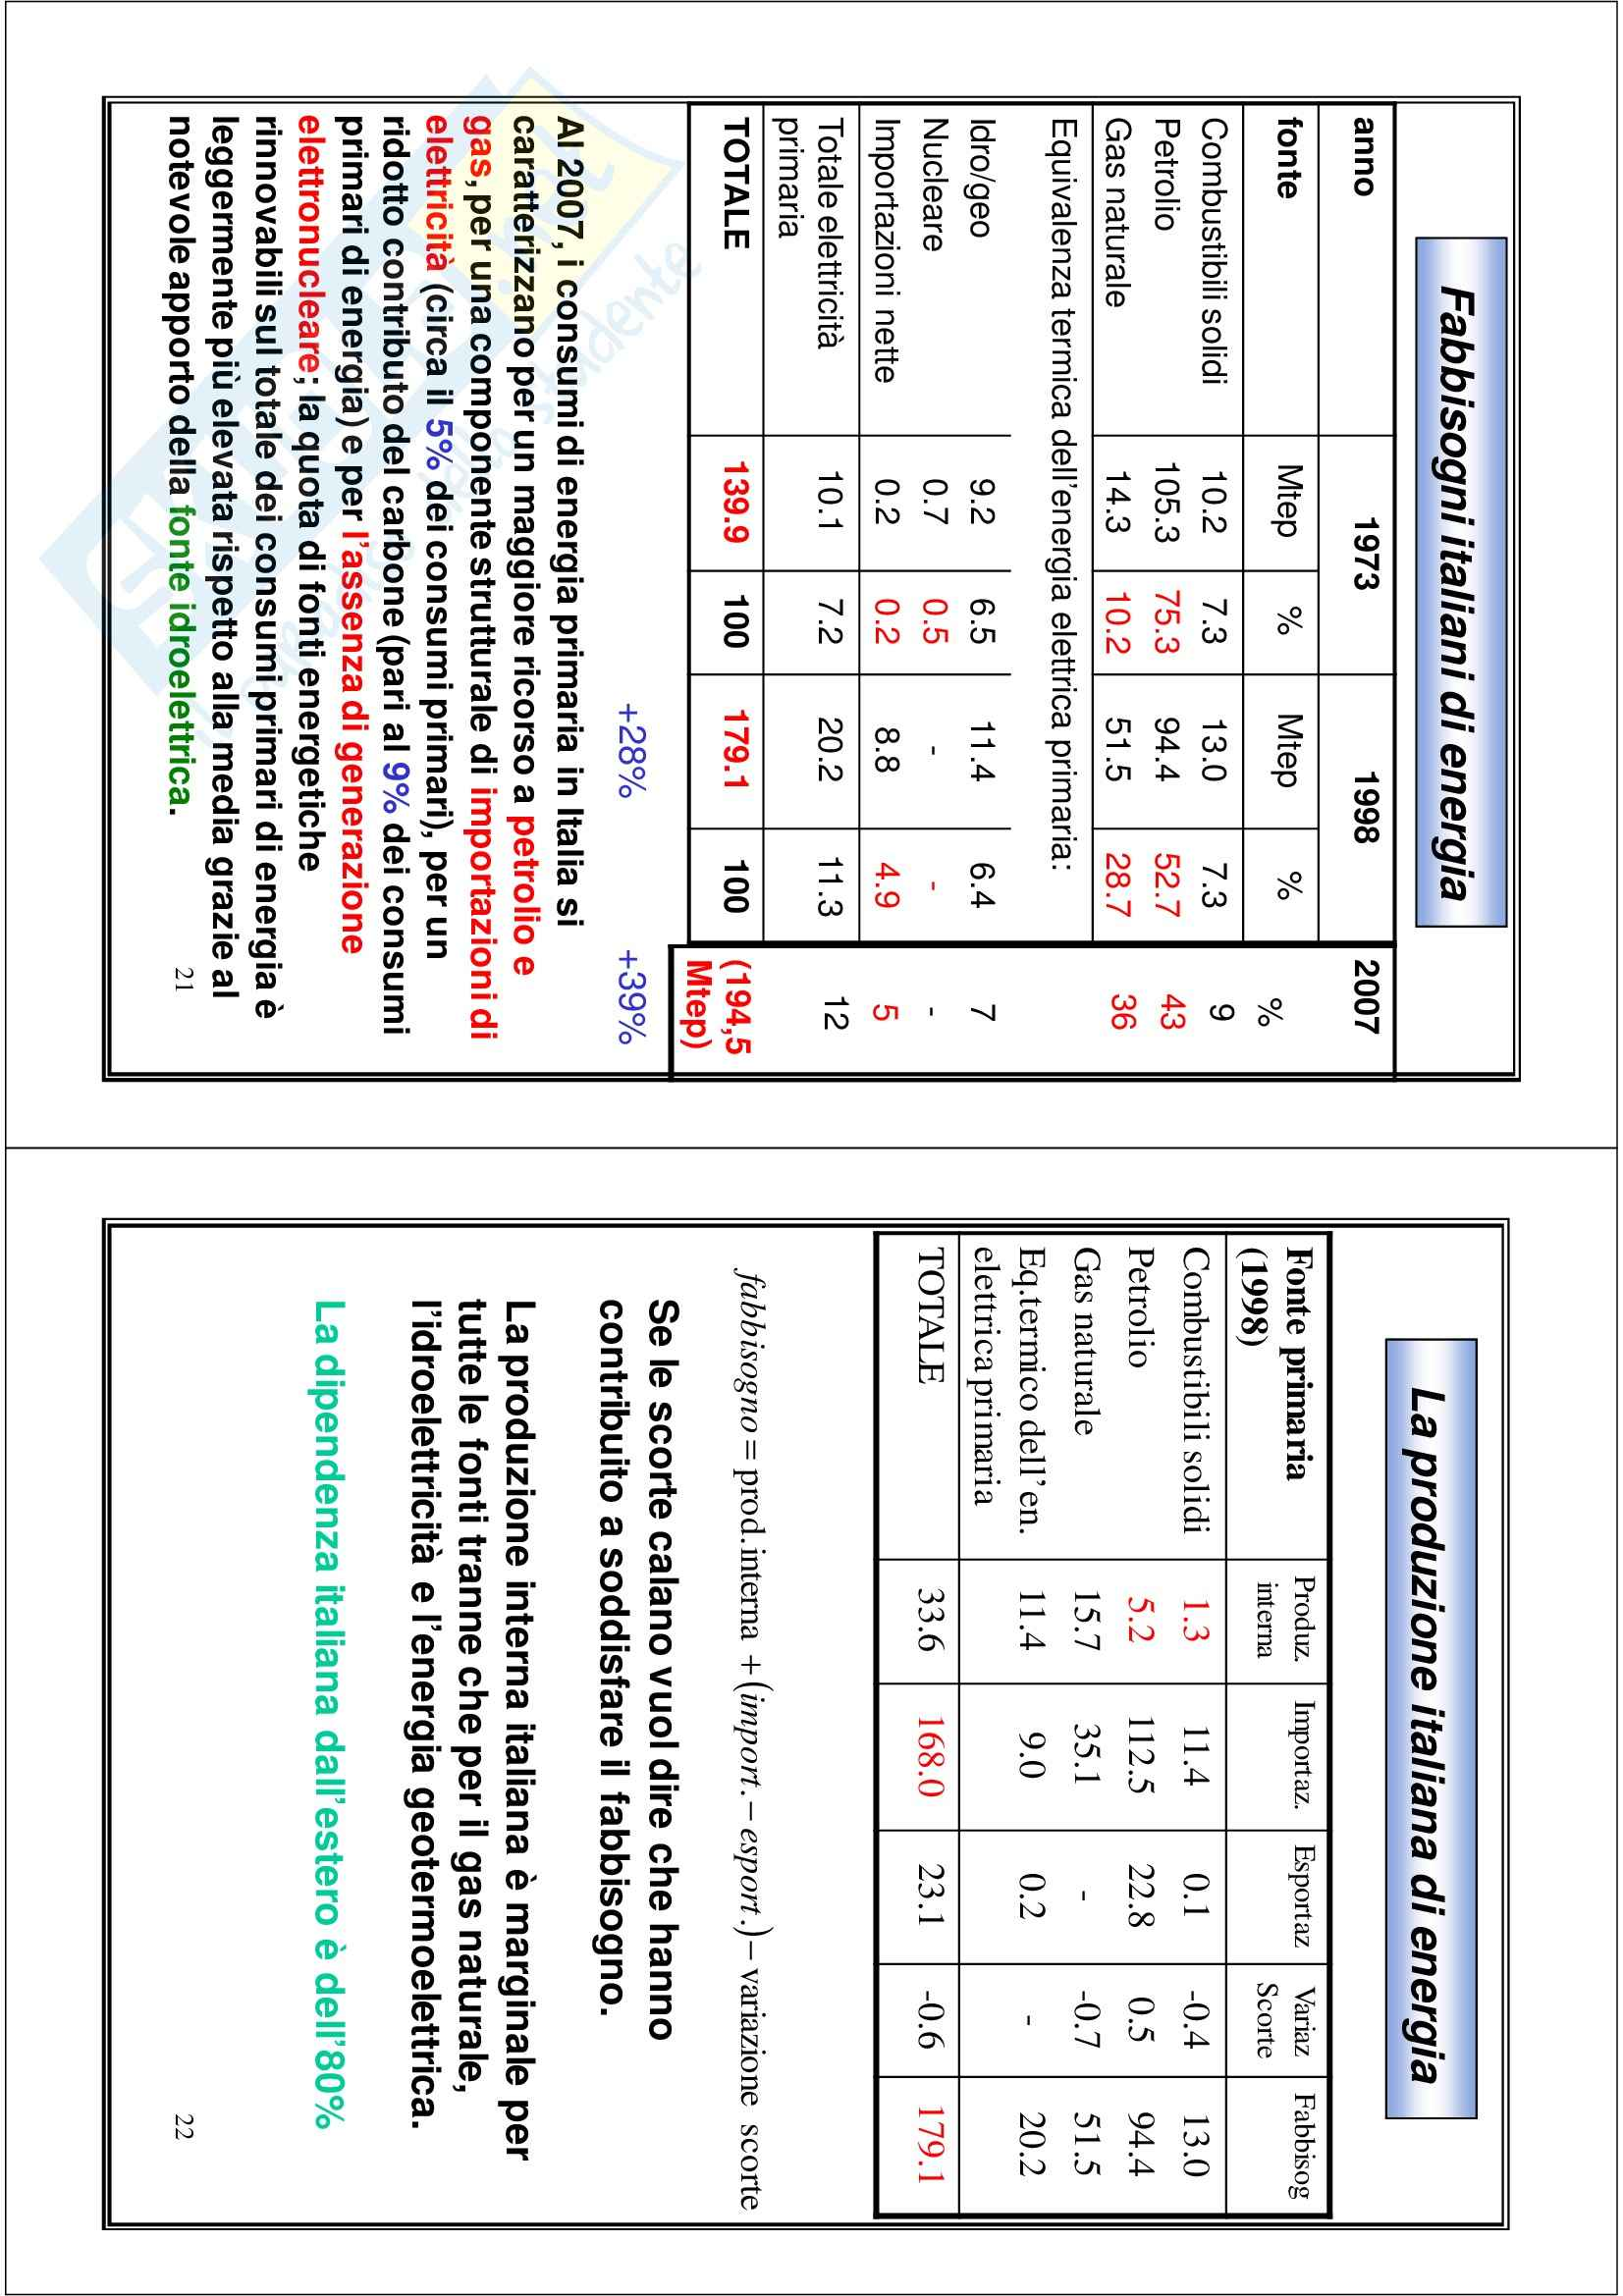 Fisica 1 - il sistema energetico italiano 2011 Pag. 11